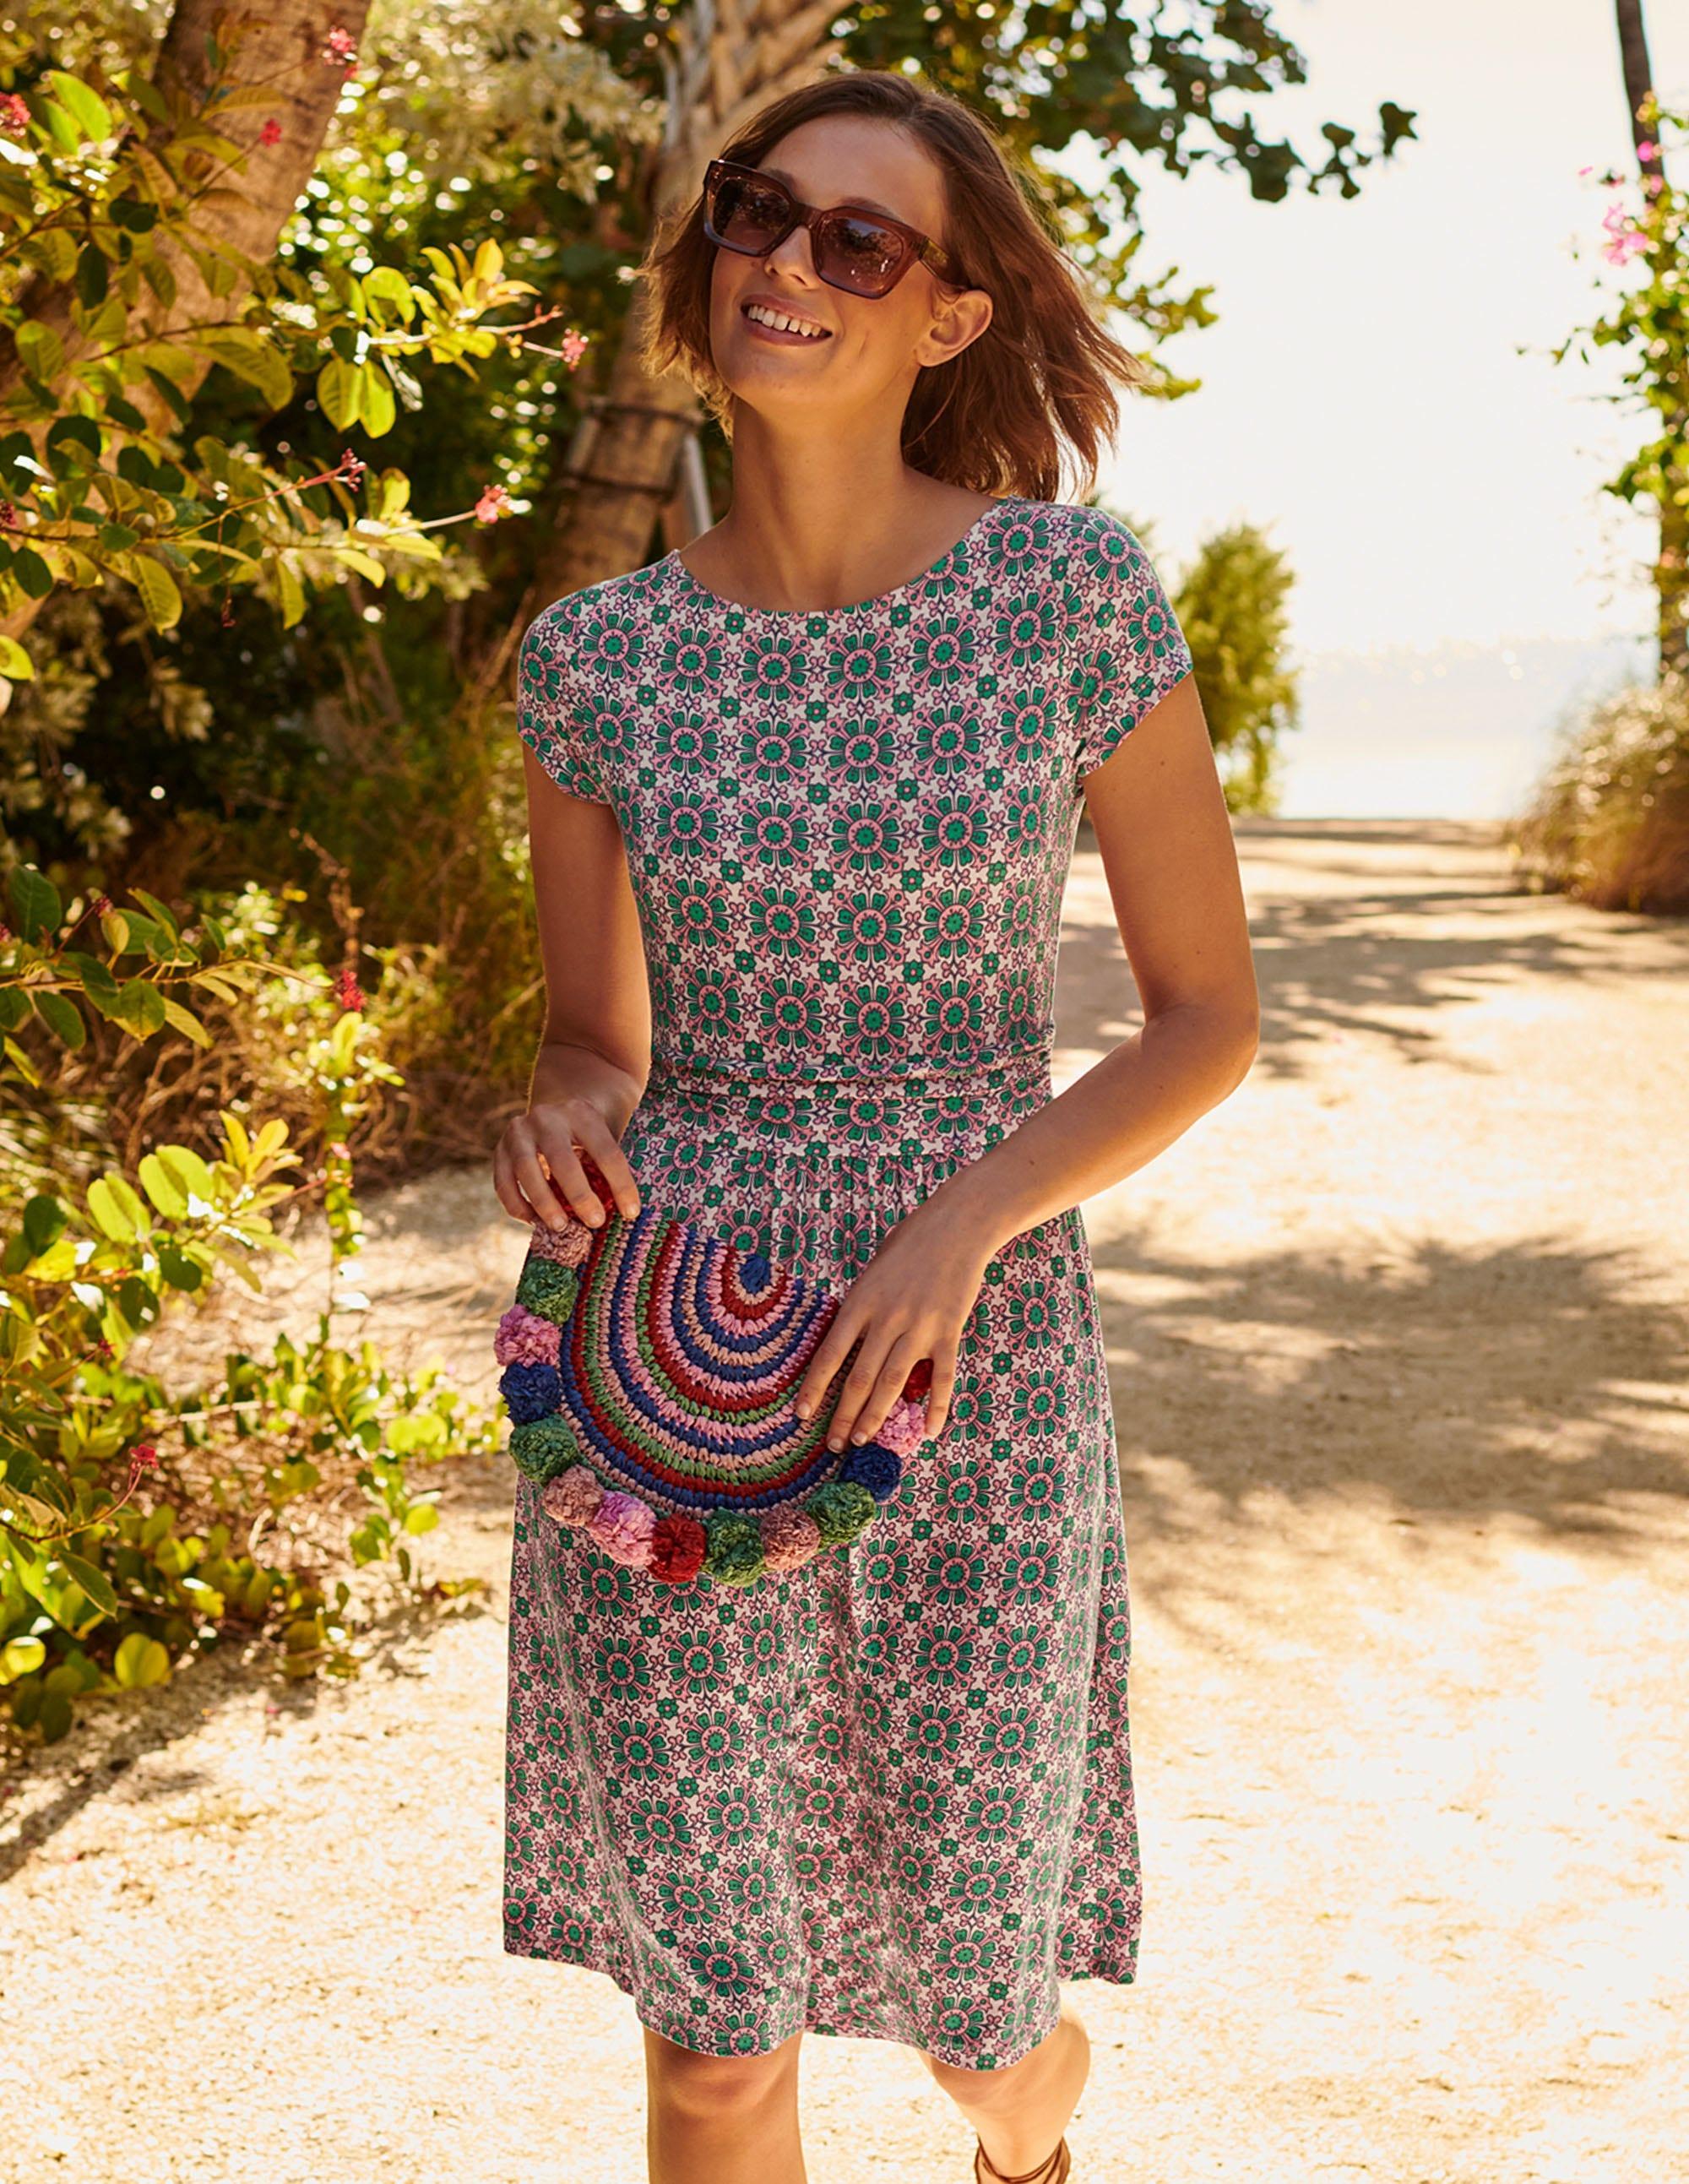 Boden Amelie Jersey Dress - Milkshake, Flora Tile